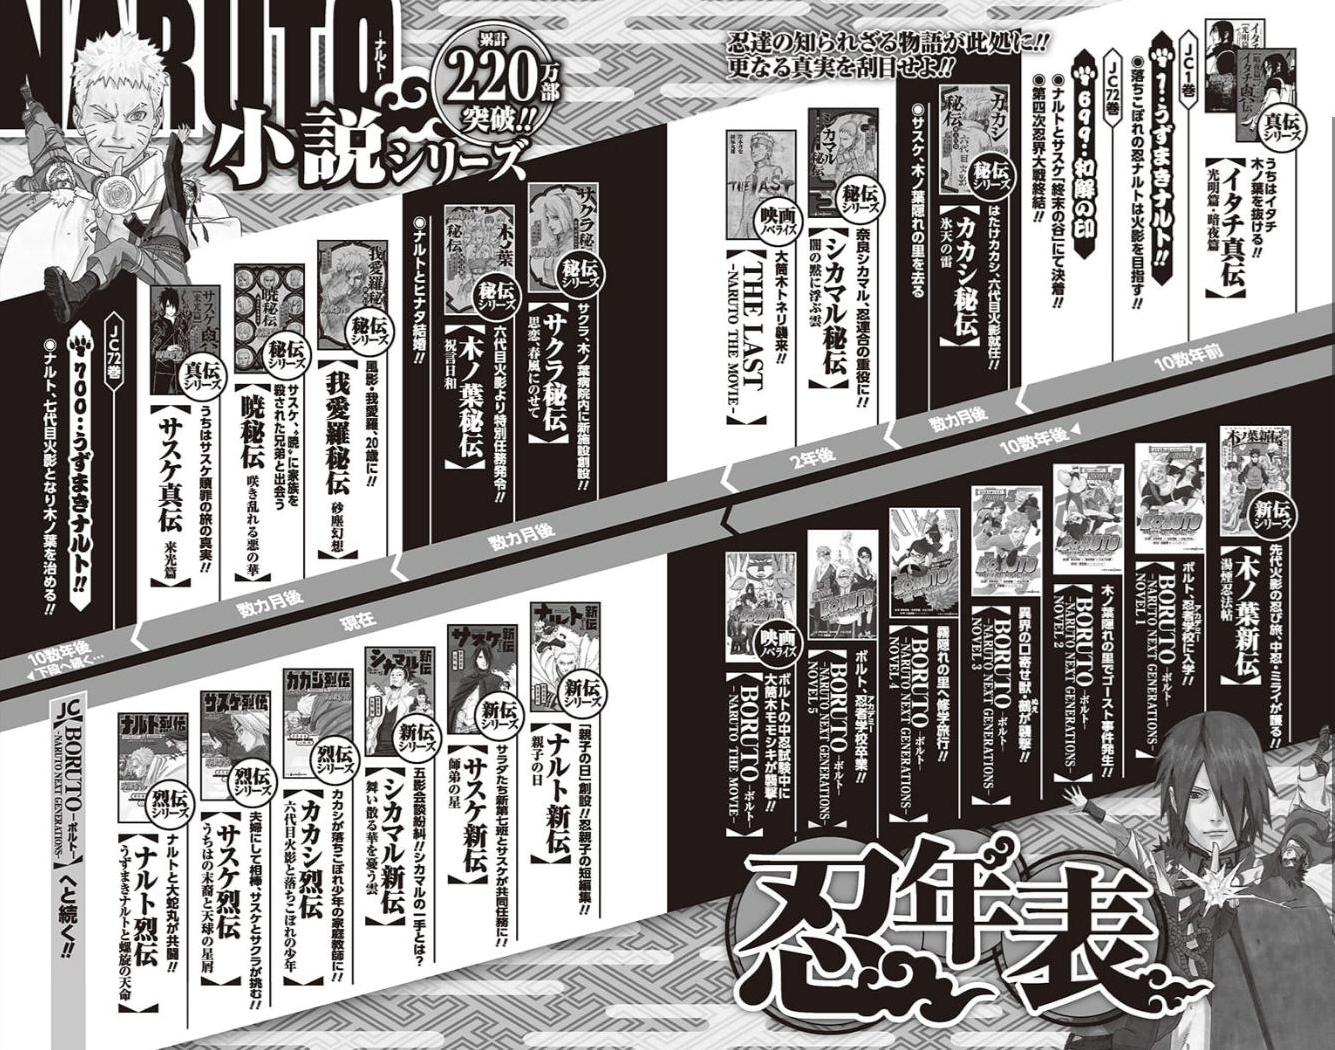 Sakura (Boruto) vs. Naruto 4 Caudas - Página 2 Latest?cb=20191006014737